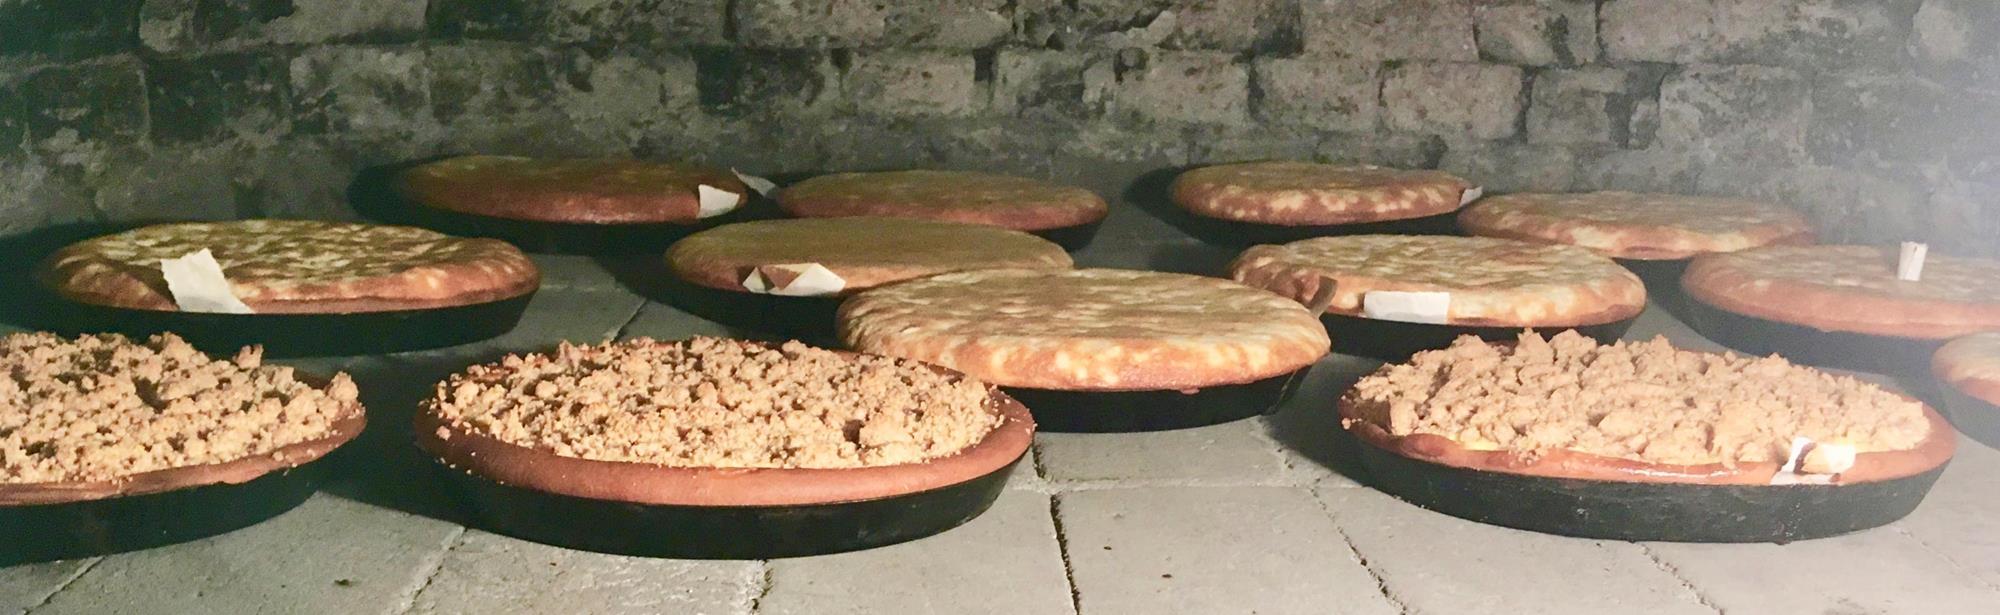 Workshops brood en Limburgse vlaai bakken